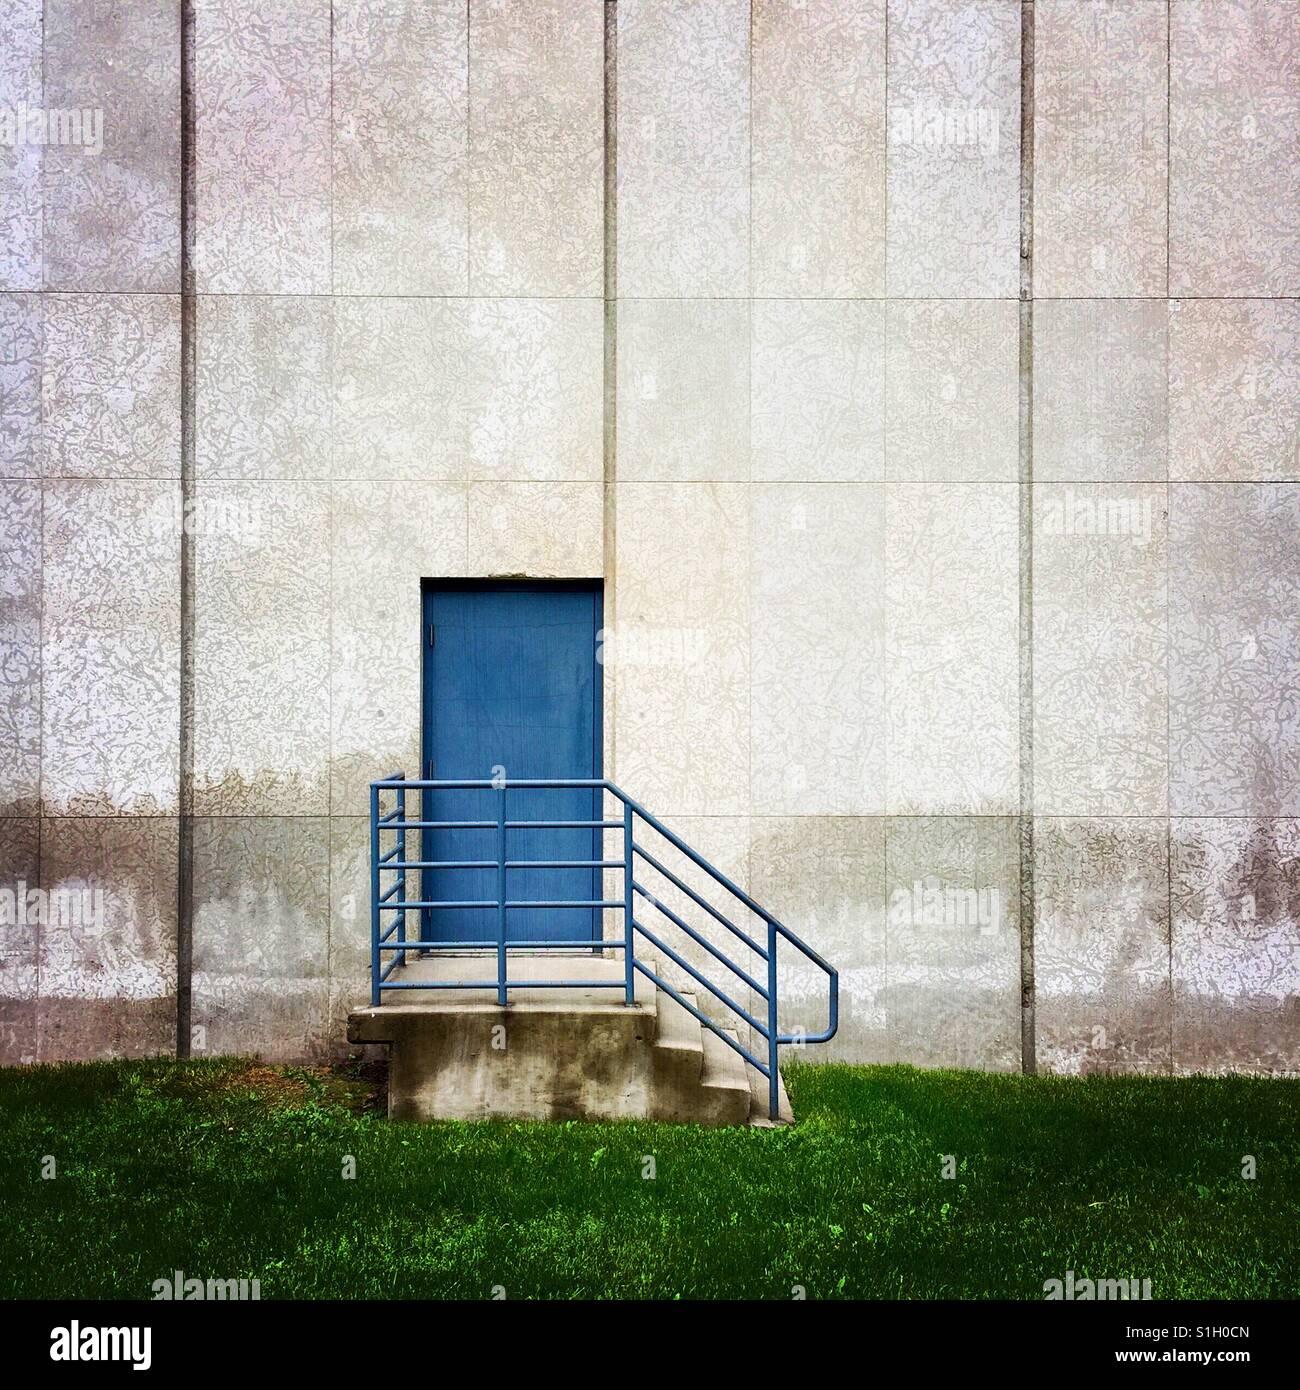 Une simple composition d'une porte bleue sur le côté d'un immeuble Photo Stock